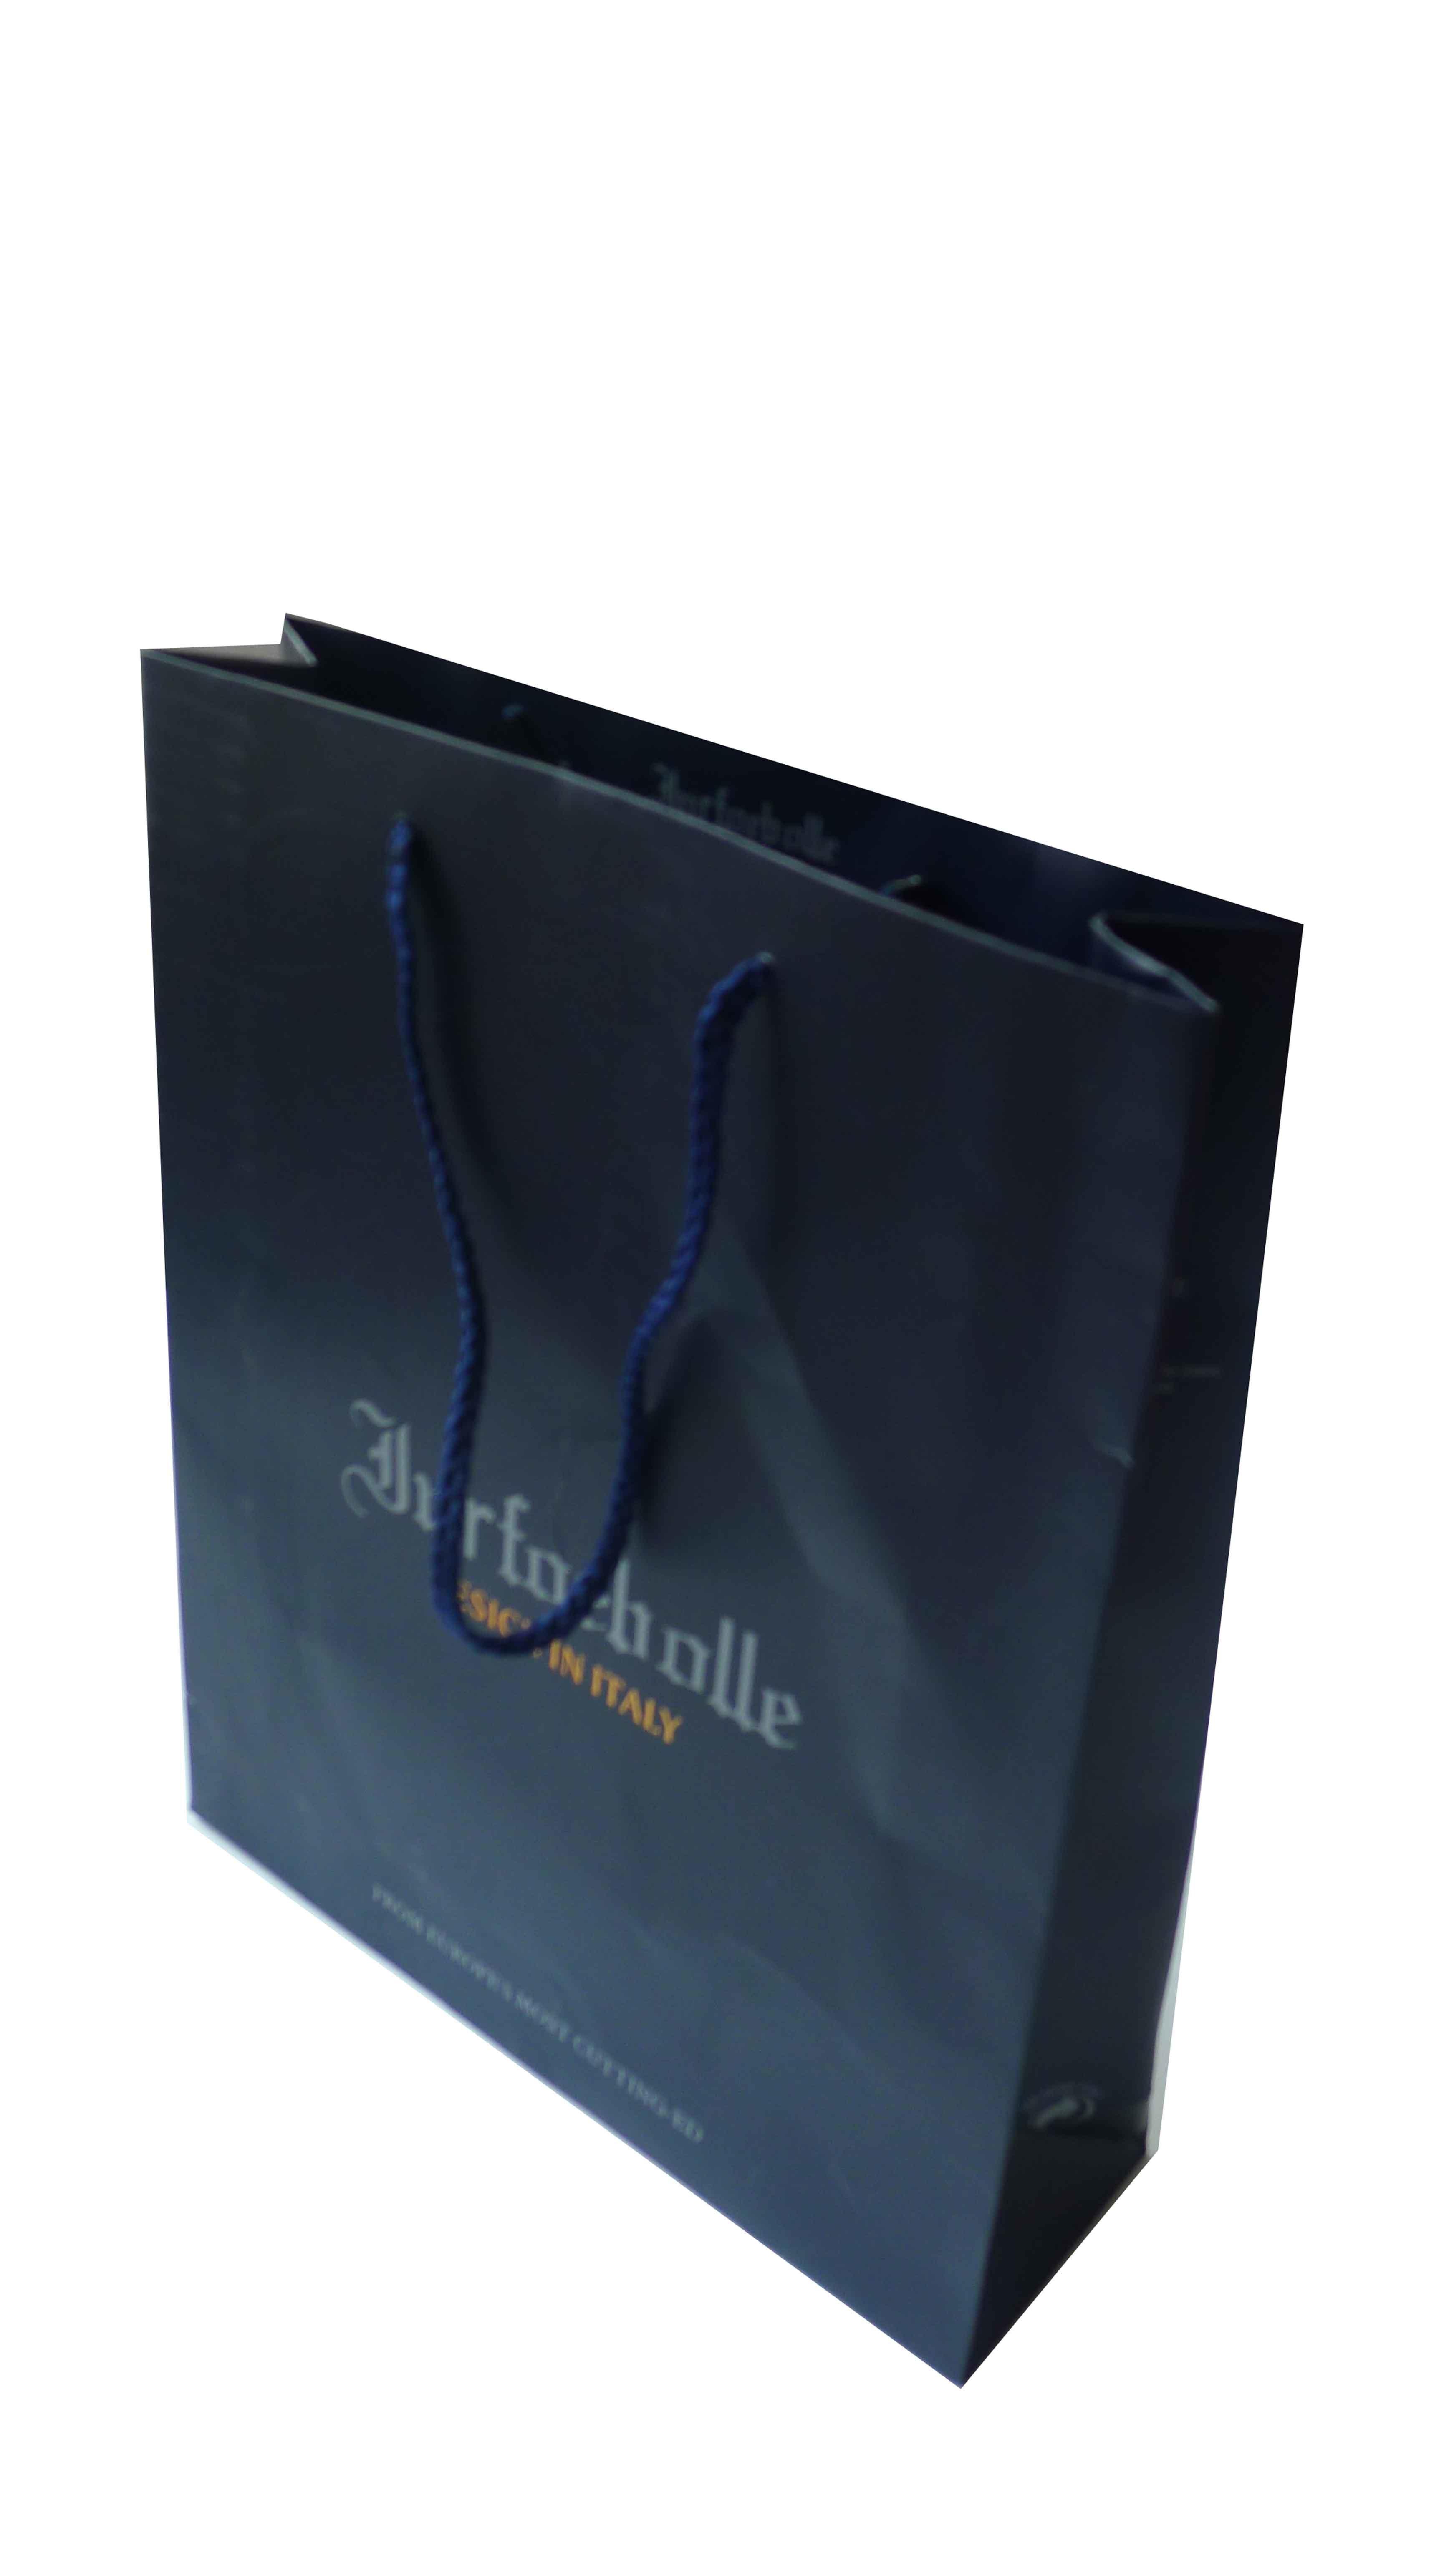 ショッピングによって印刷される紙袋